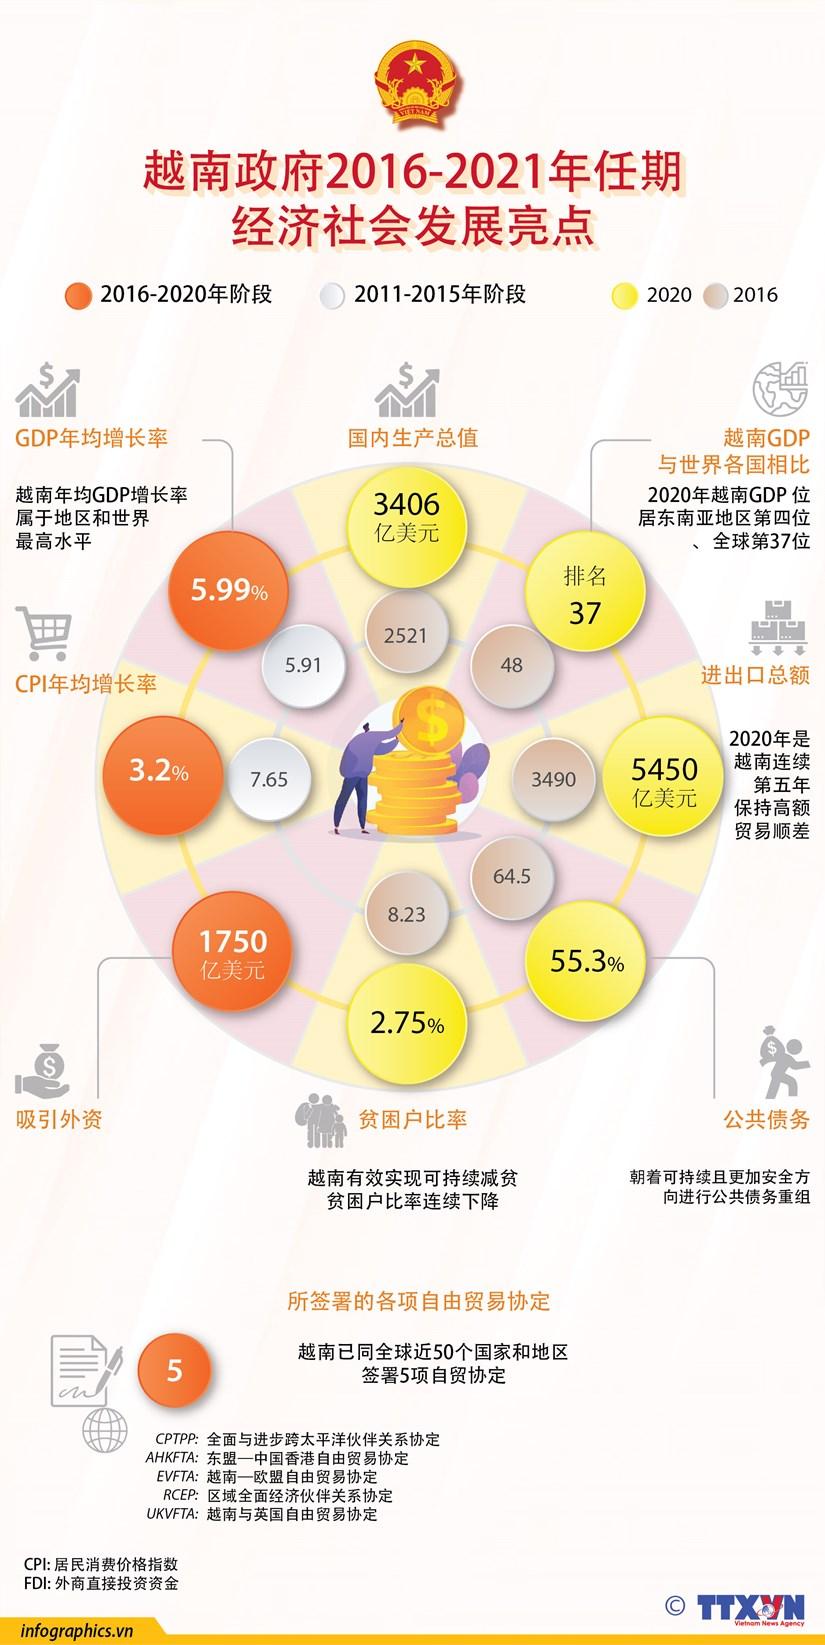 图表新闻:越南政府2016-2021年任期 经济社会发展亮点 hinh anh 1